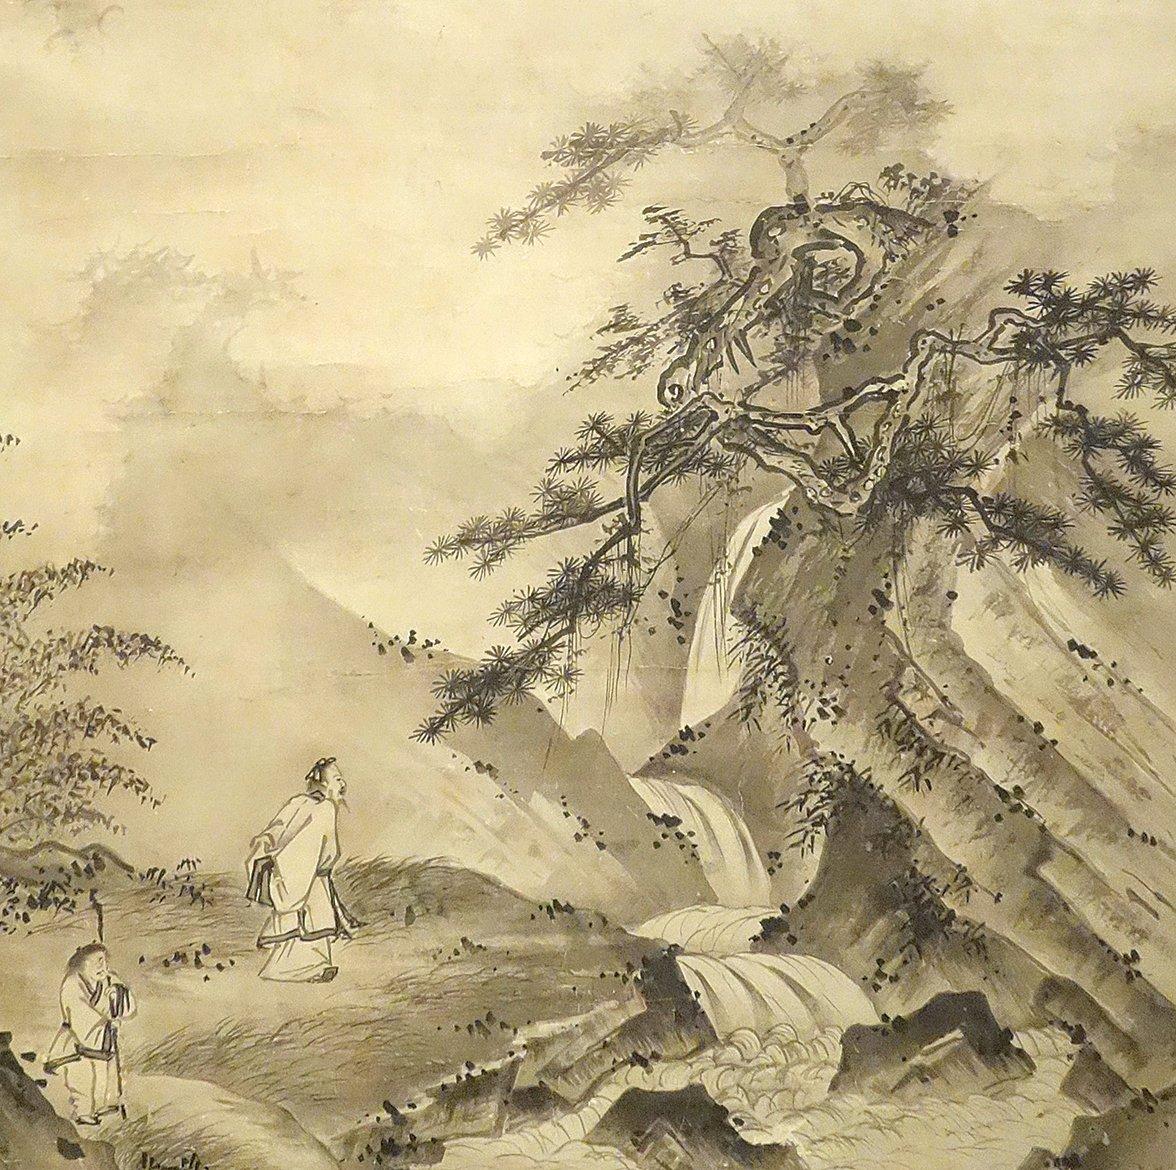 日本 相阿彌(1485–1525)繪《李白廬山觀瀑圖》軸,紙本水墨,美國舊金山藝術博物館藏(公有領域)